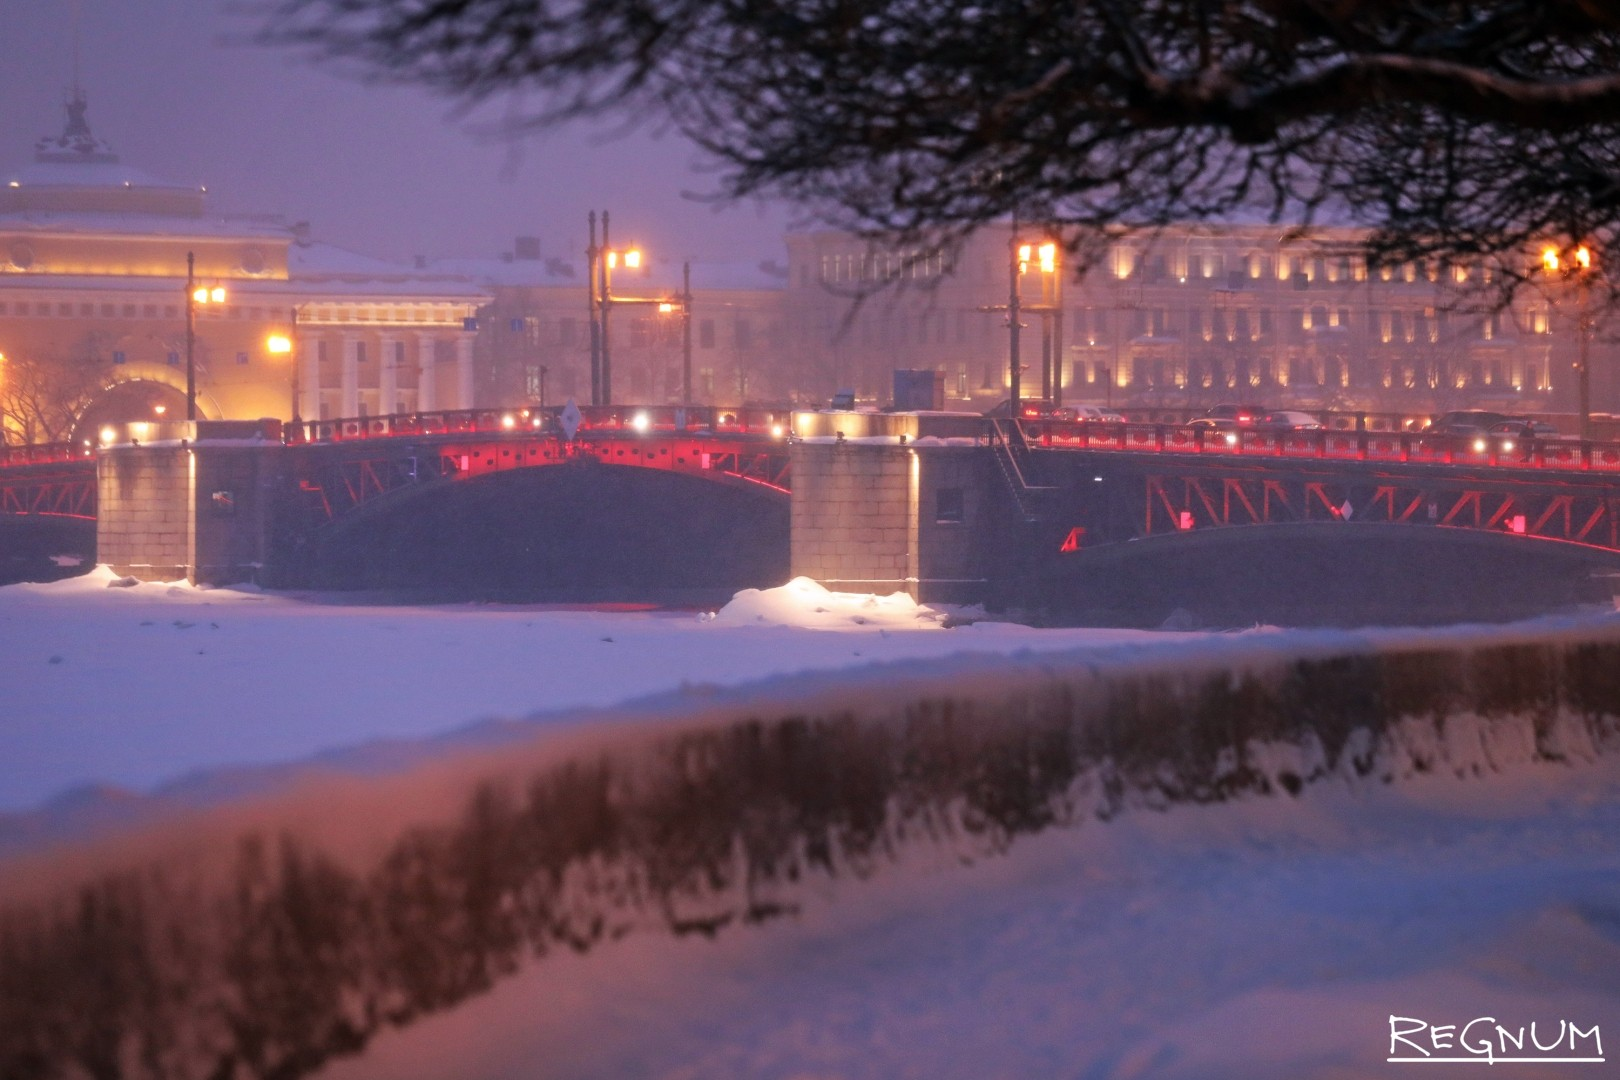 Праздничная подсветка Дворцового моста в честь наступления китайского Нового года